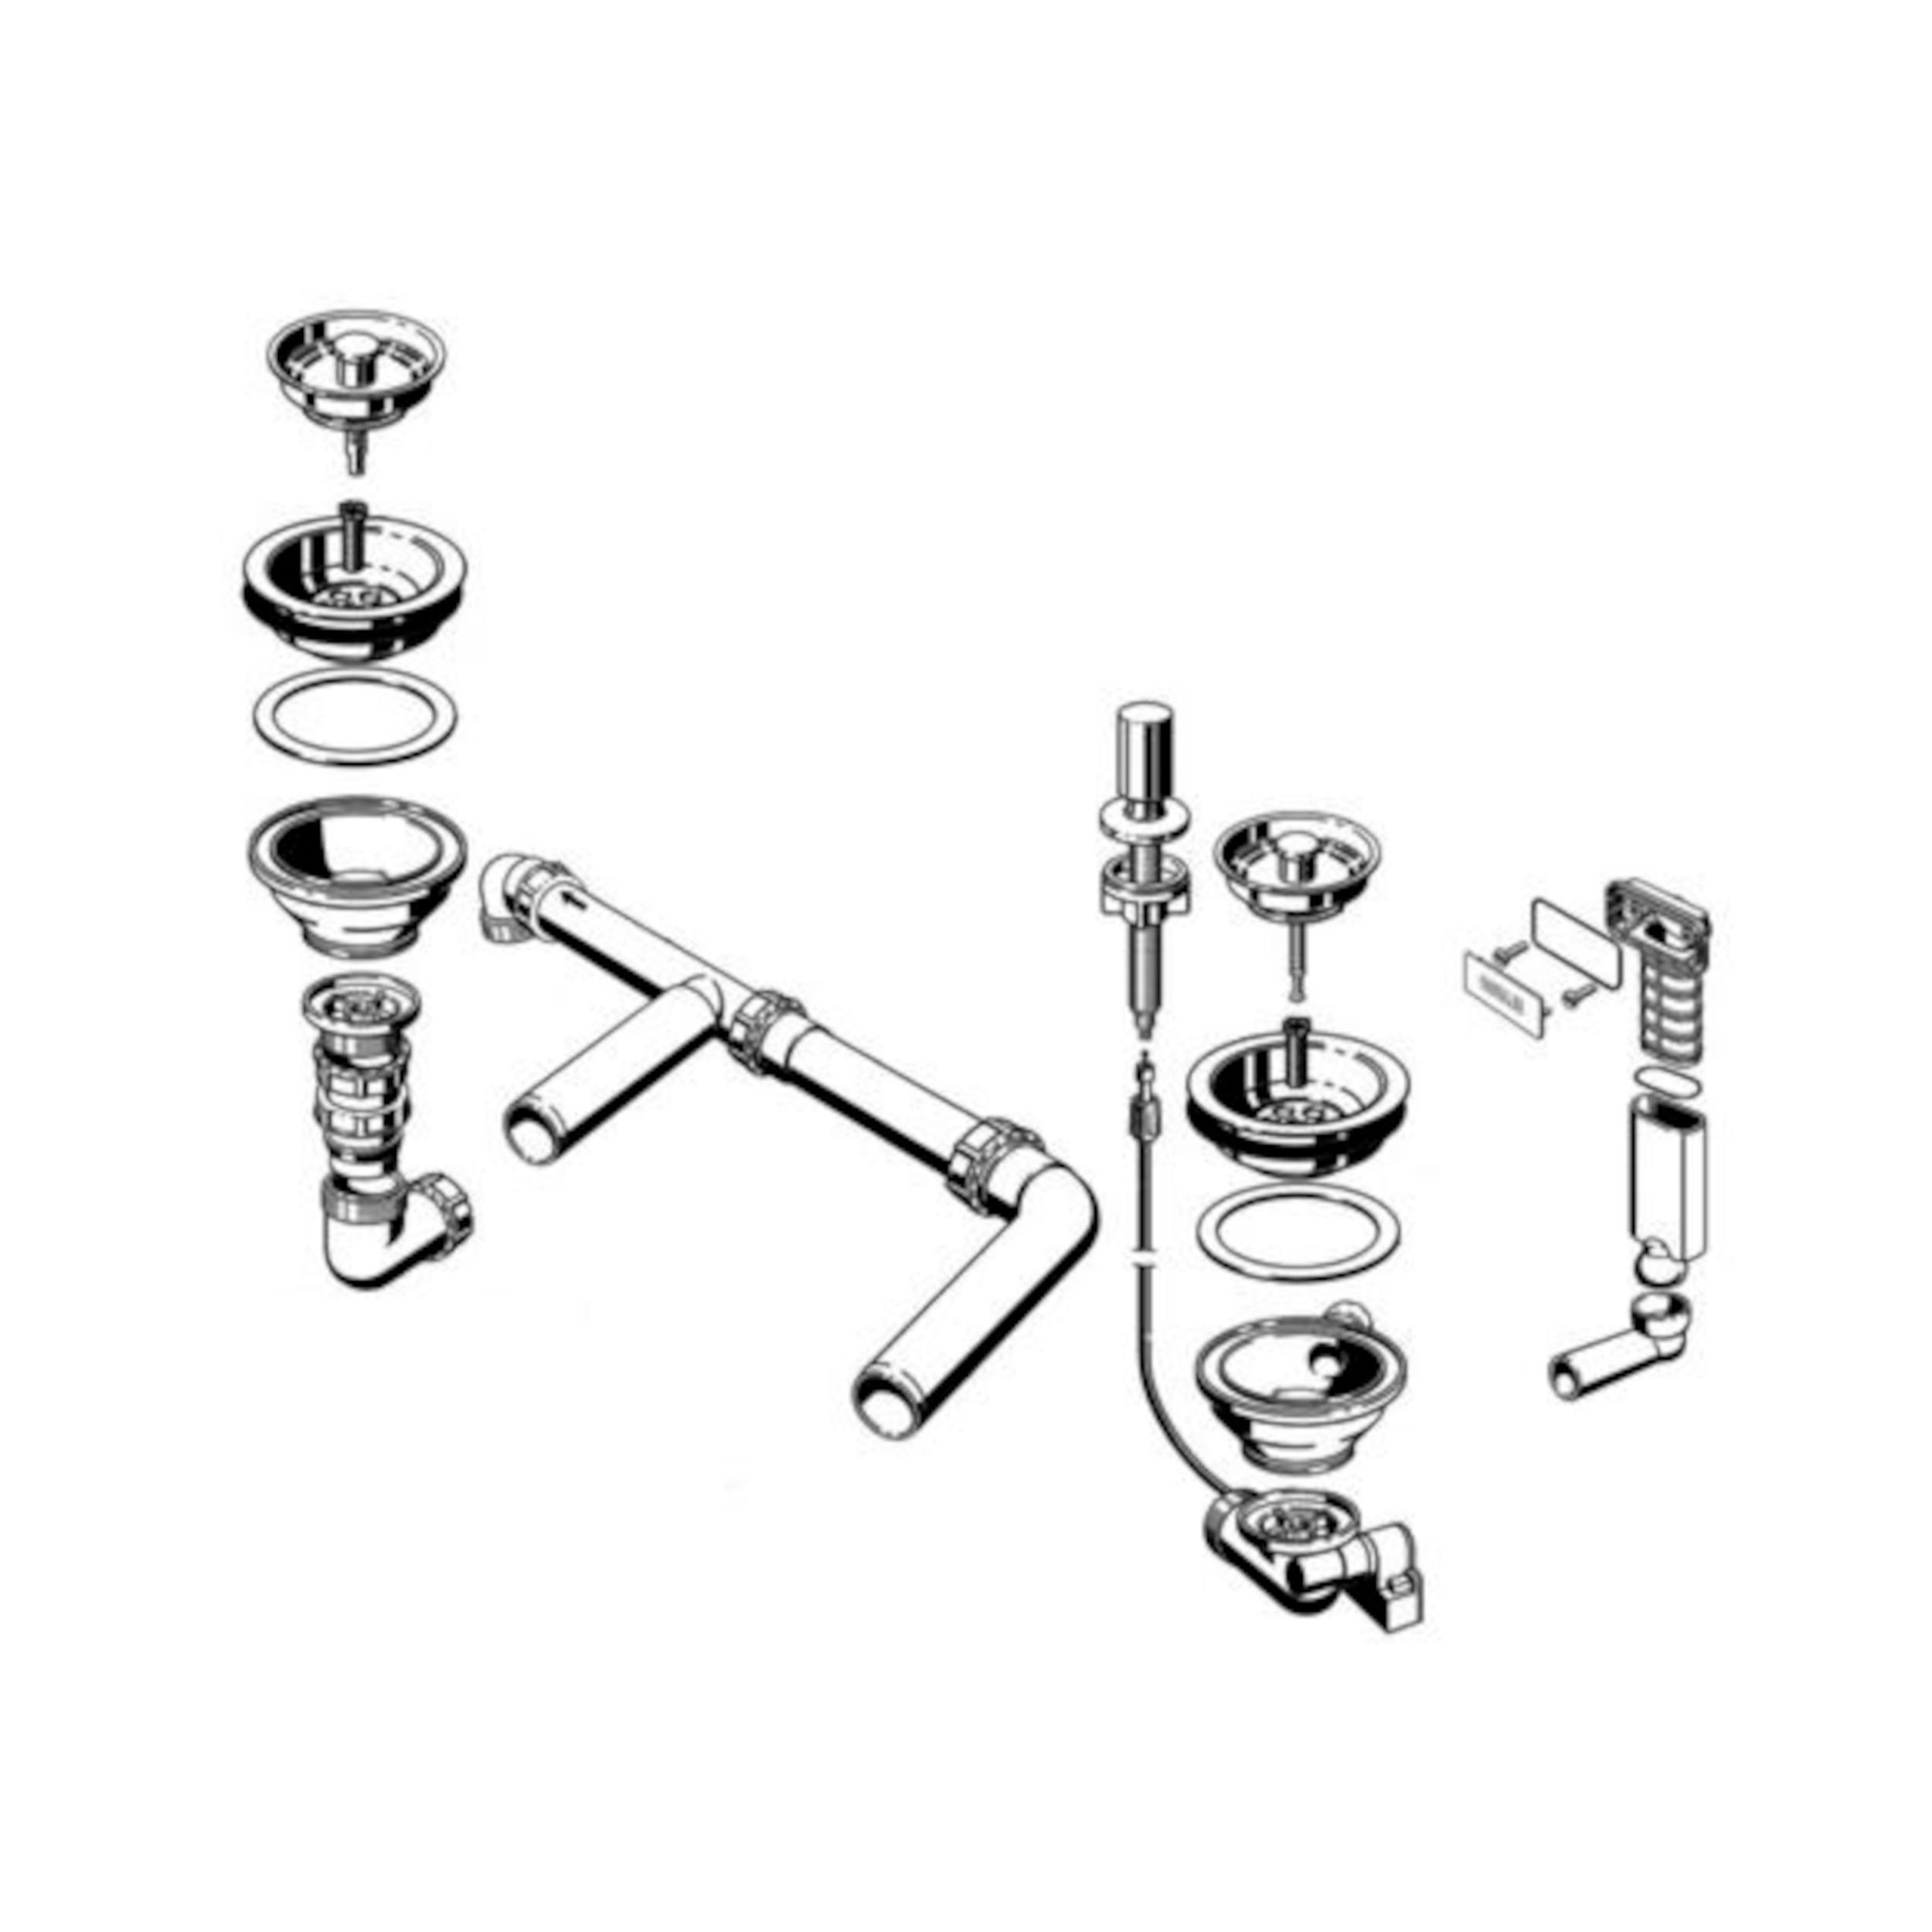 BLANCO Ablaufgarnitur 2 x 3,5'' Sieb mit Zug-Ablauffernbedienung C-overflow modernes Sieb für Edelstahl-Spülen 221531